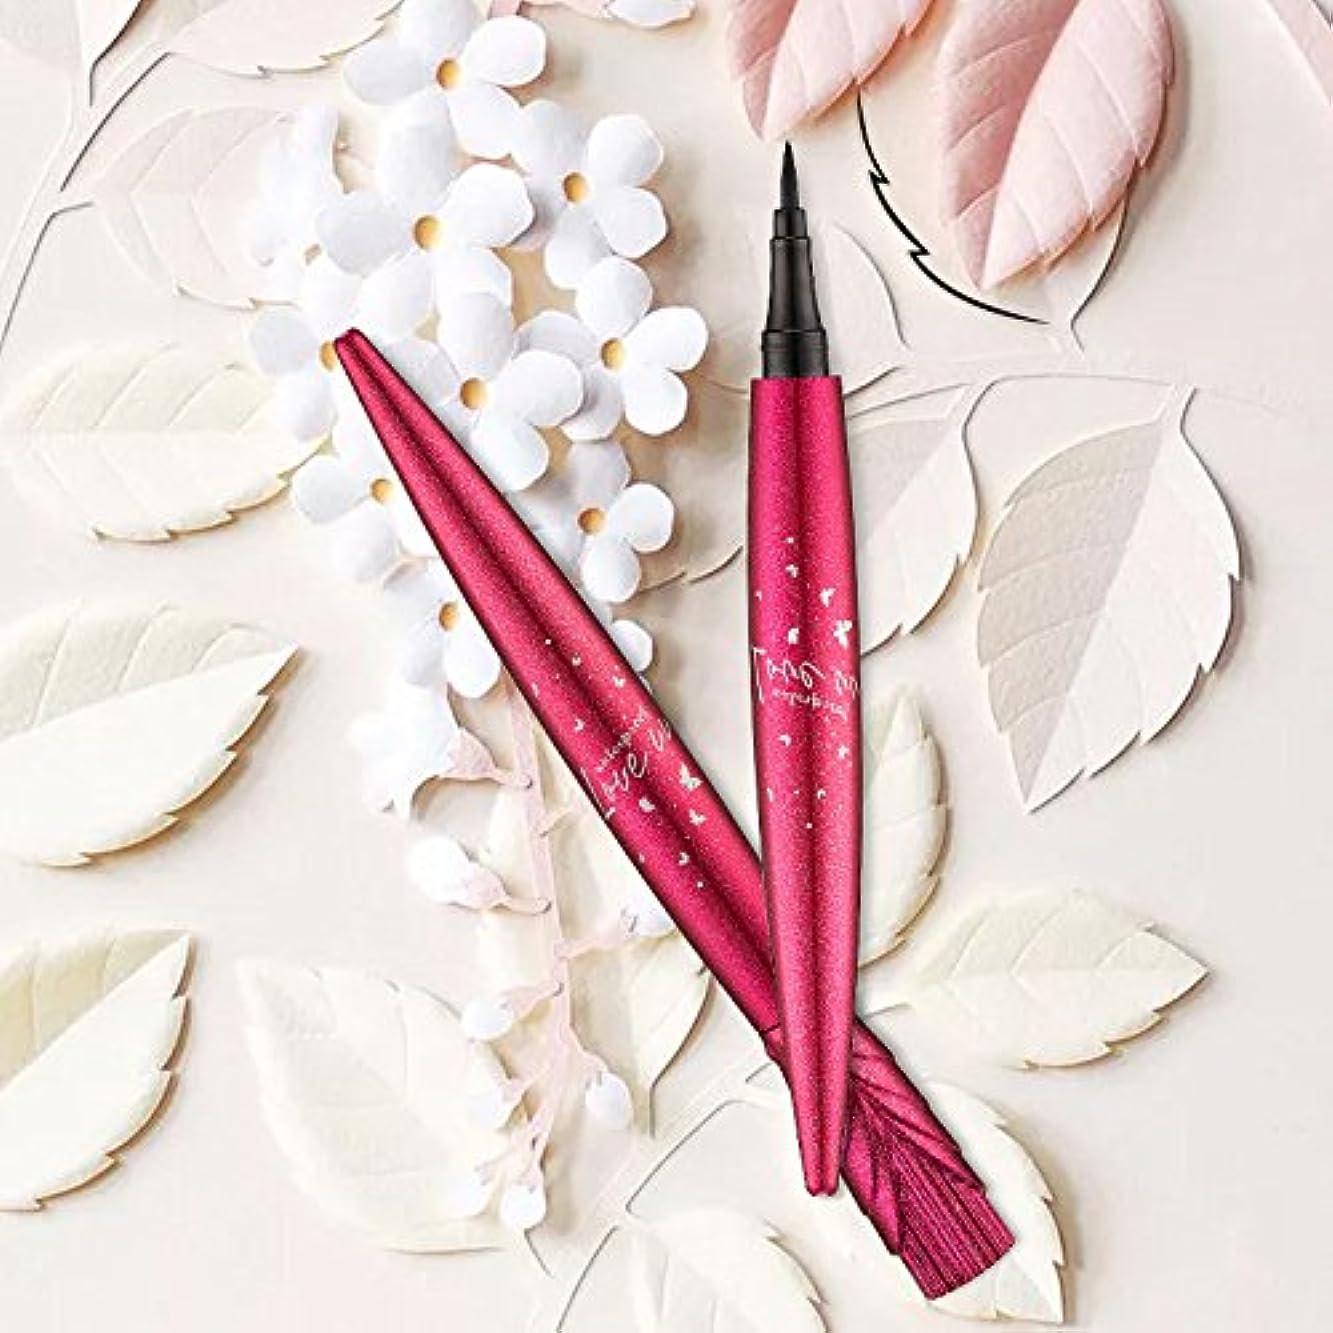 のど叙情的な乱闘美容ブラック防水アイライナーリキッドアイライナーペン鉛筆メイク化粧品新しい